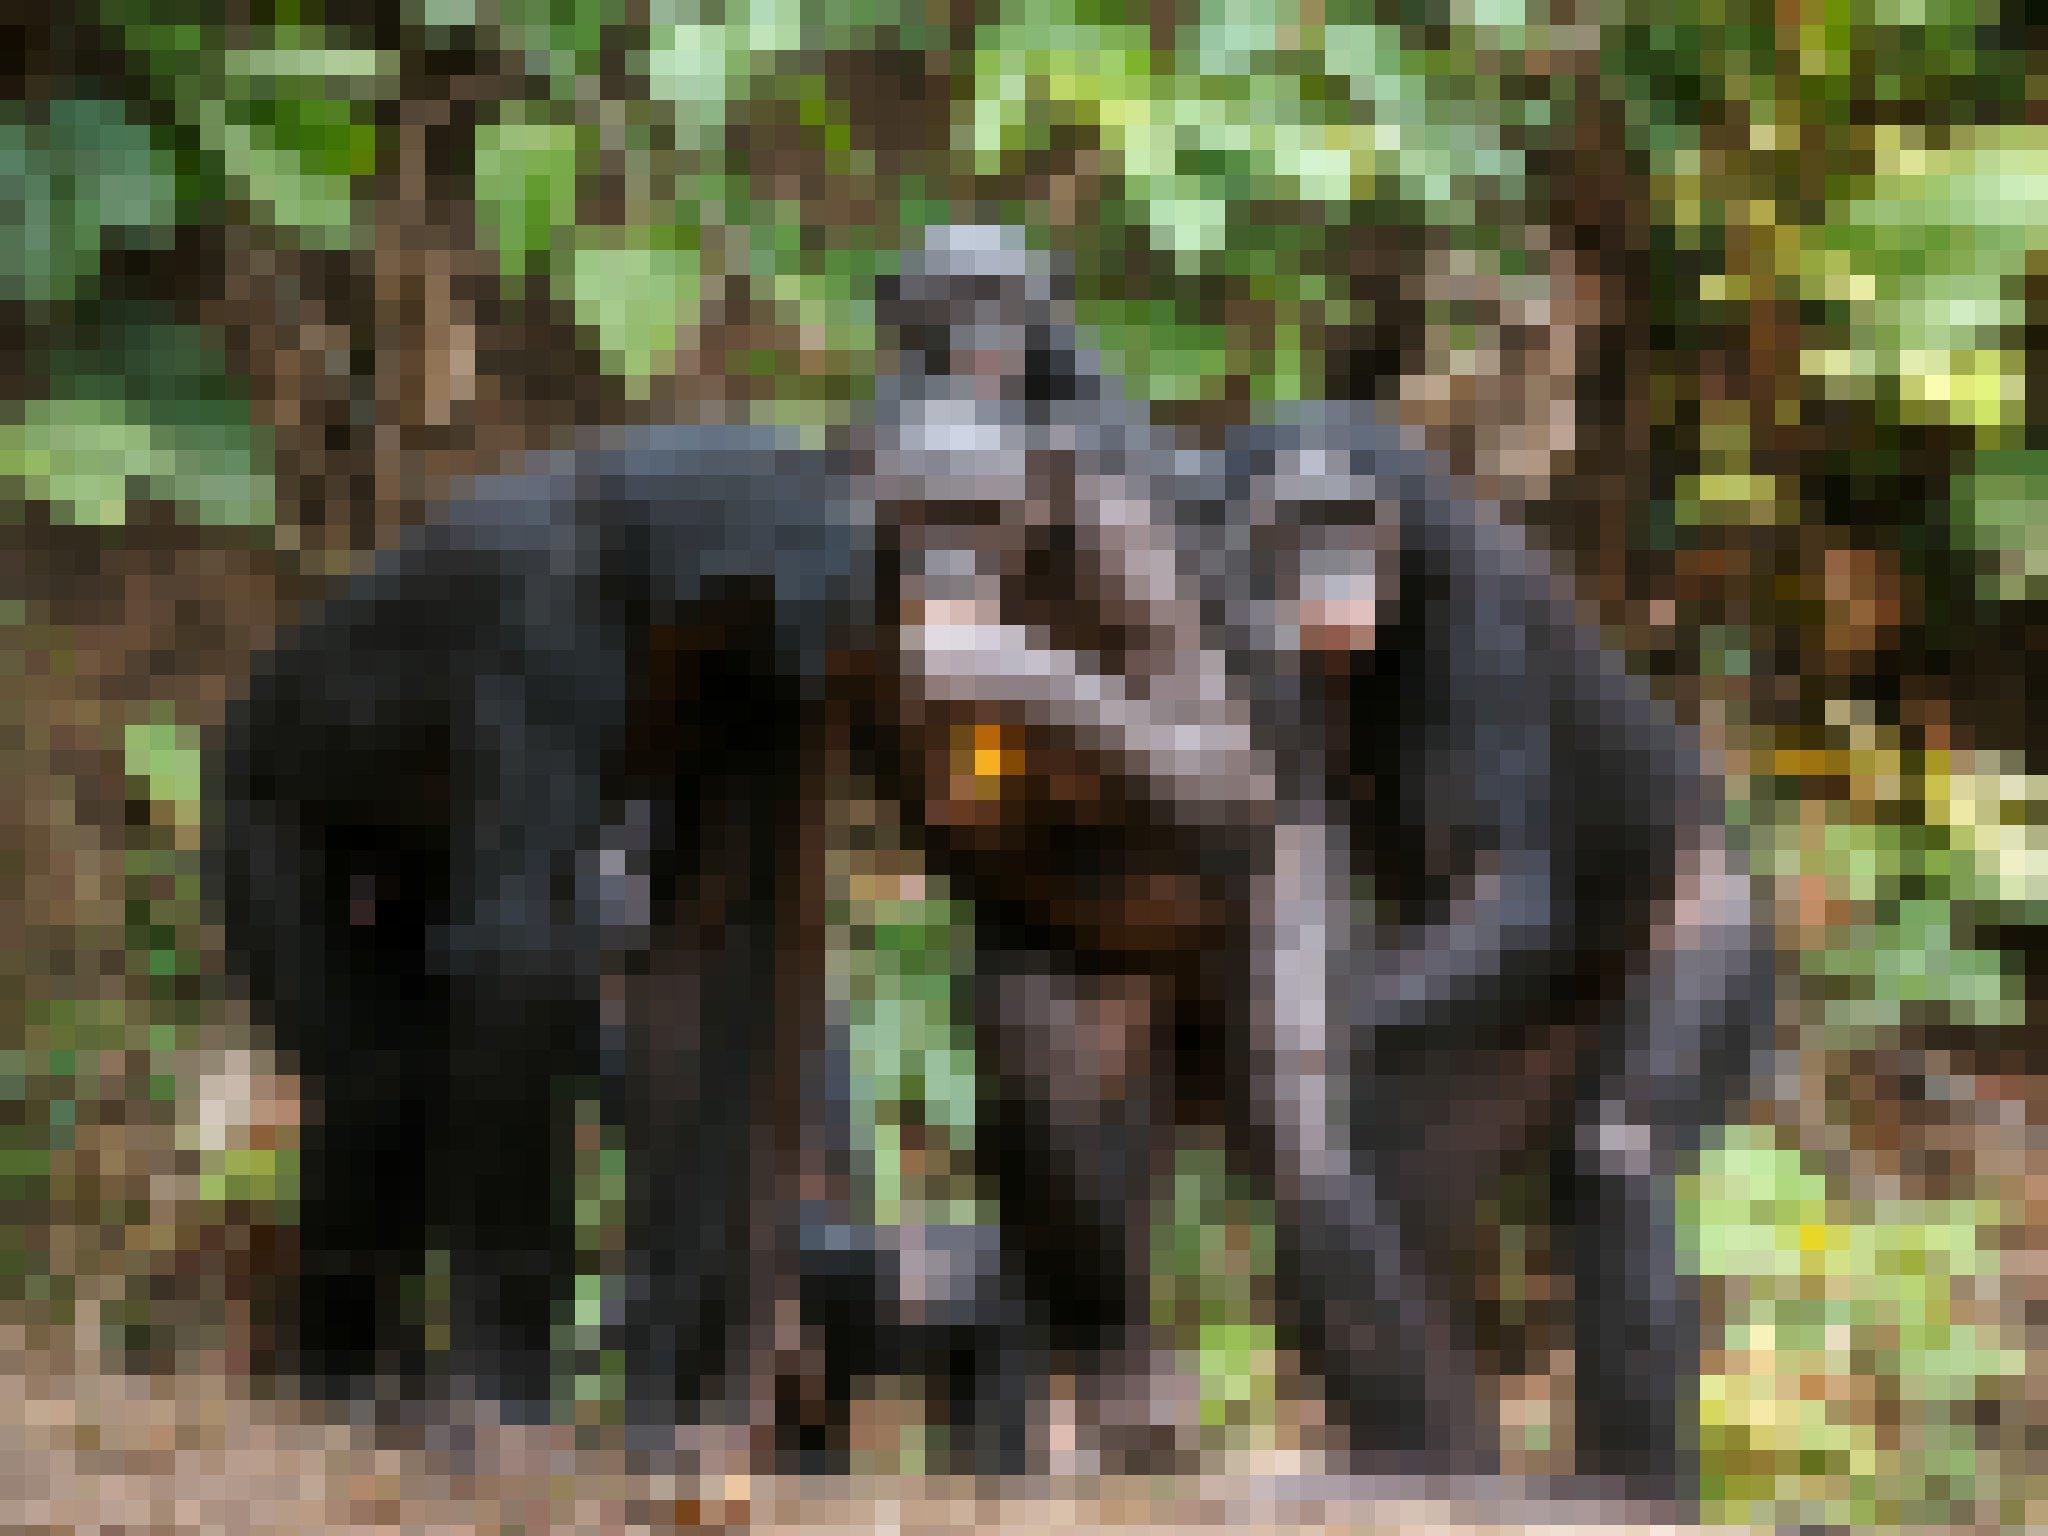 Auf dem Bild zu sehen ist eine Gruppe Bonobos in halb aufrechter Haltung, aufgenommen im Dschungel in der Republik Kongo. Ein Weibchen trägt ein Jungtier auf dem Rücken und hält Futter in der Hand. Möglicherweise, so eine These, entstand der aufrechte Gang einst, weil Menschenaffen so besser Kinder transportieren oder Nahrung für andere herbeischaffen konnten.